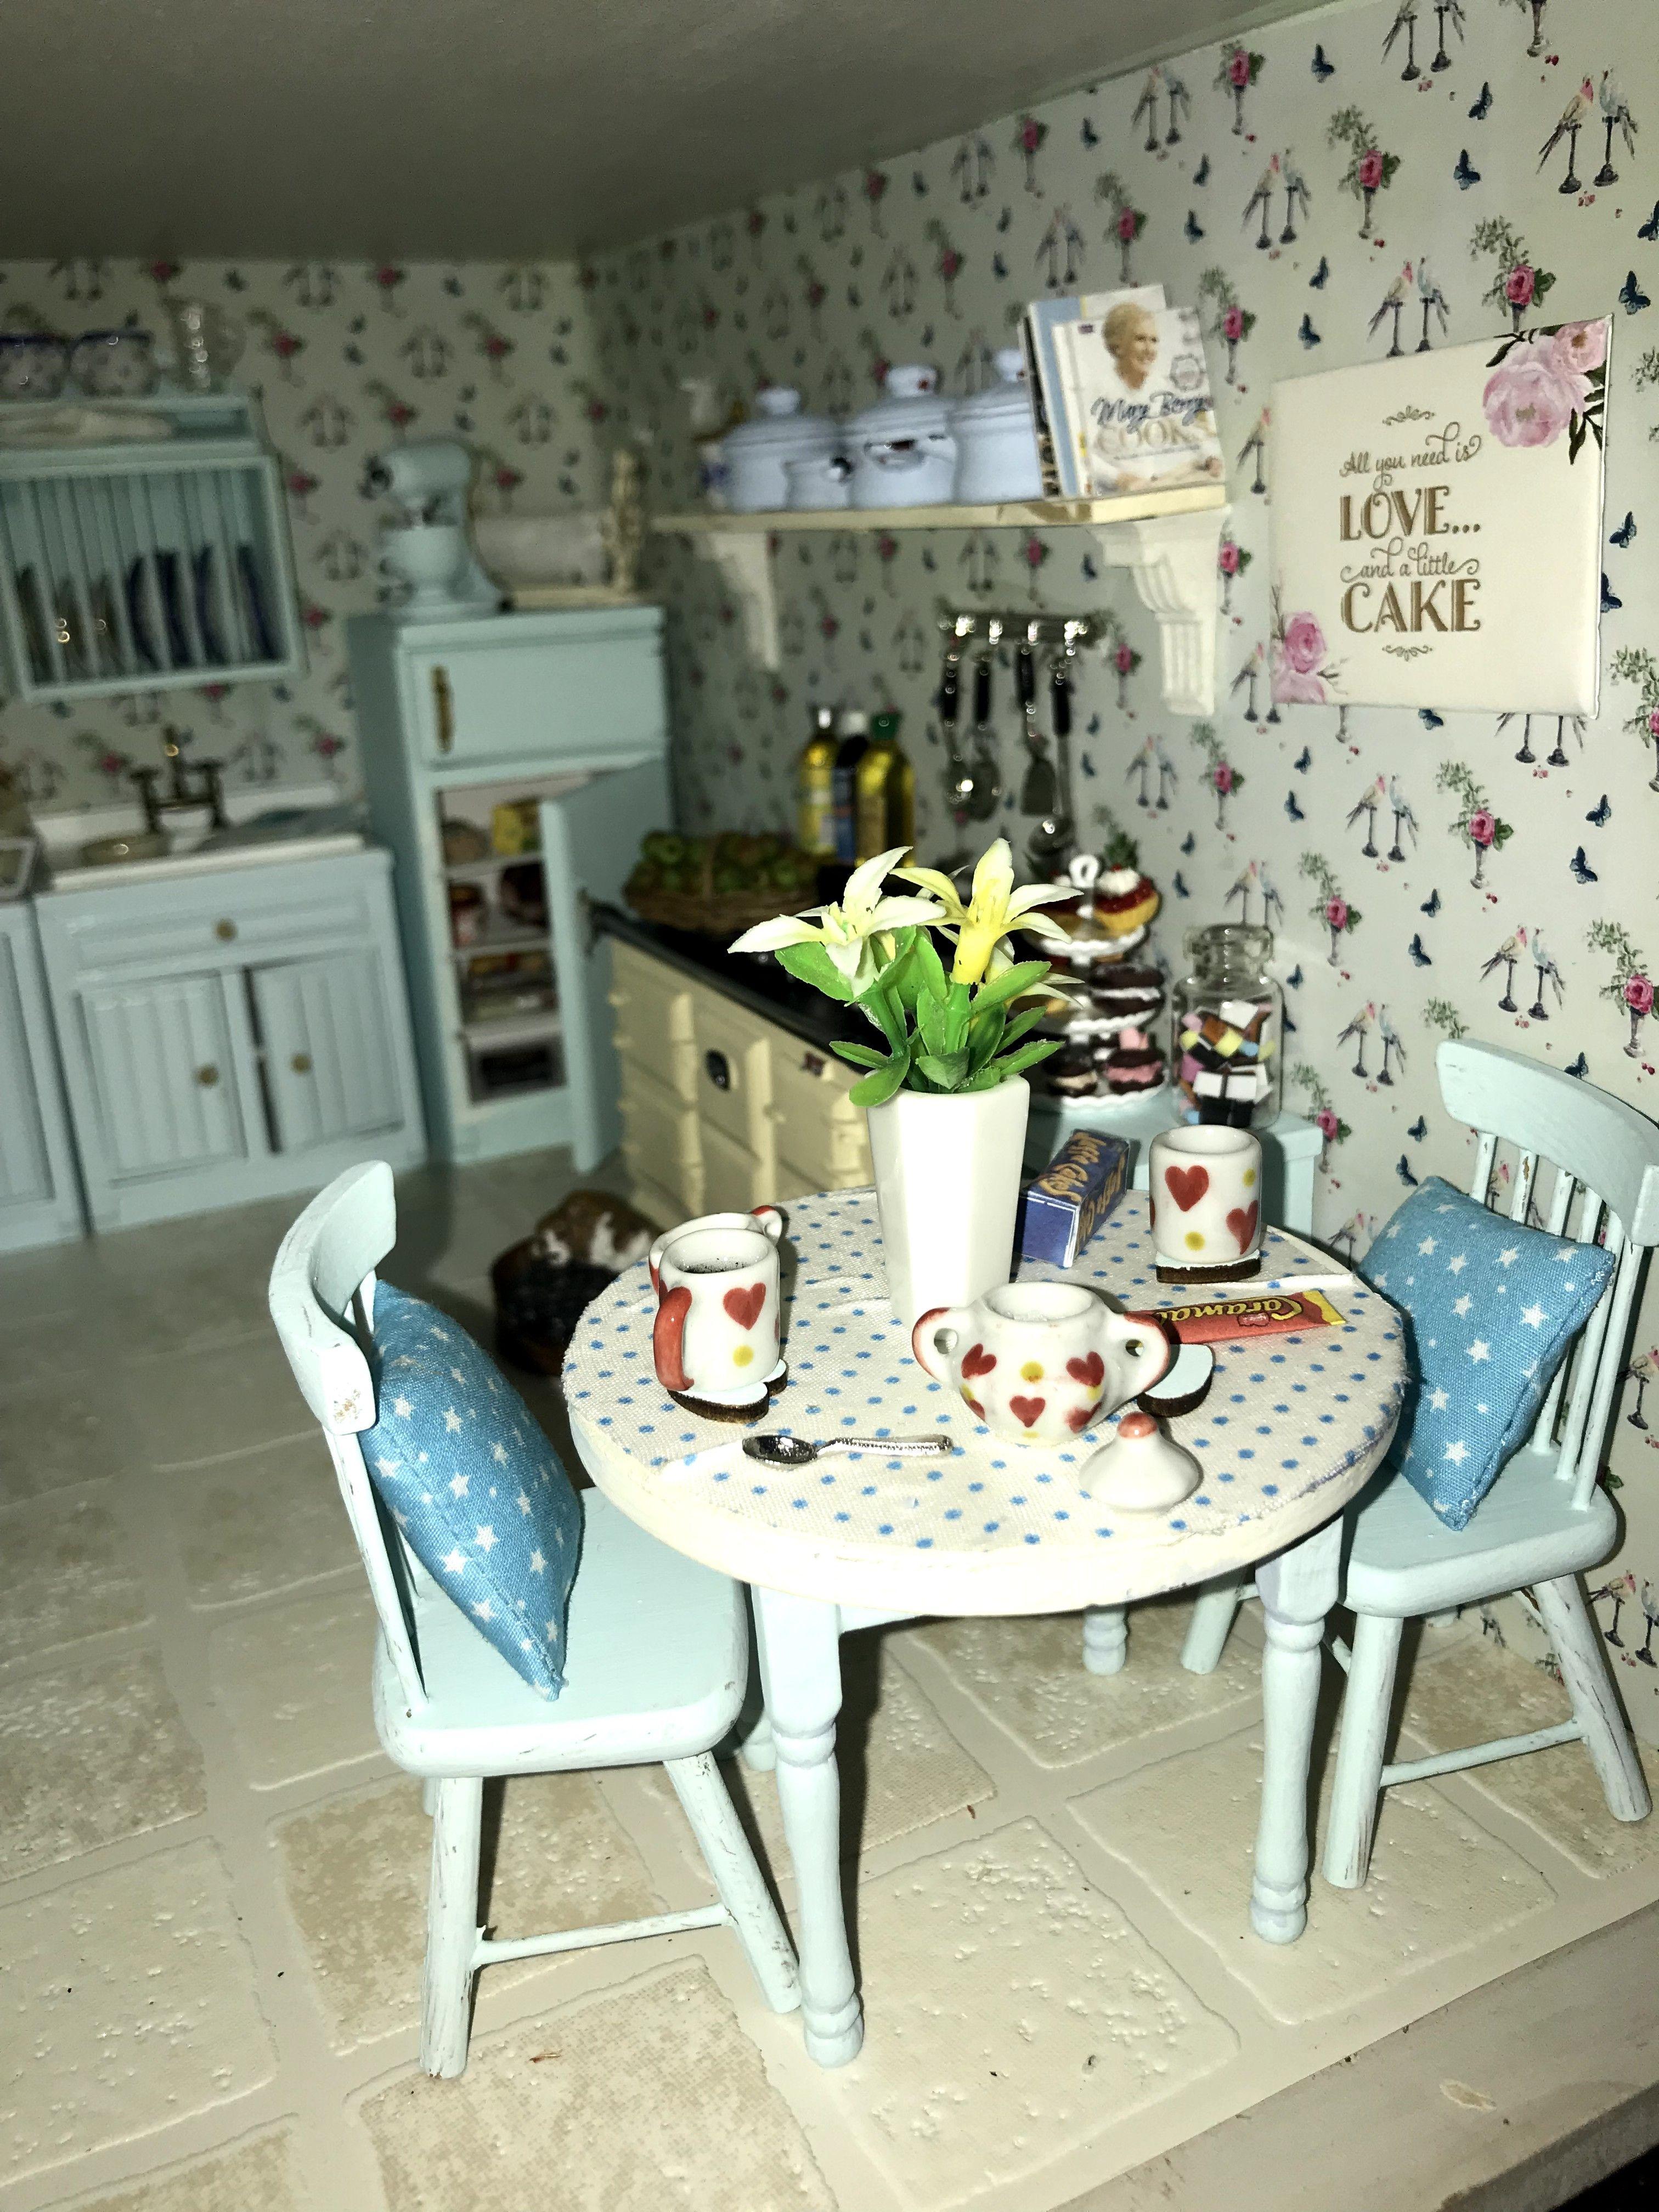 Bonita mesa de cocina en azul-miniatura 1:12 casa de muñecas